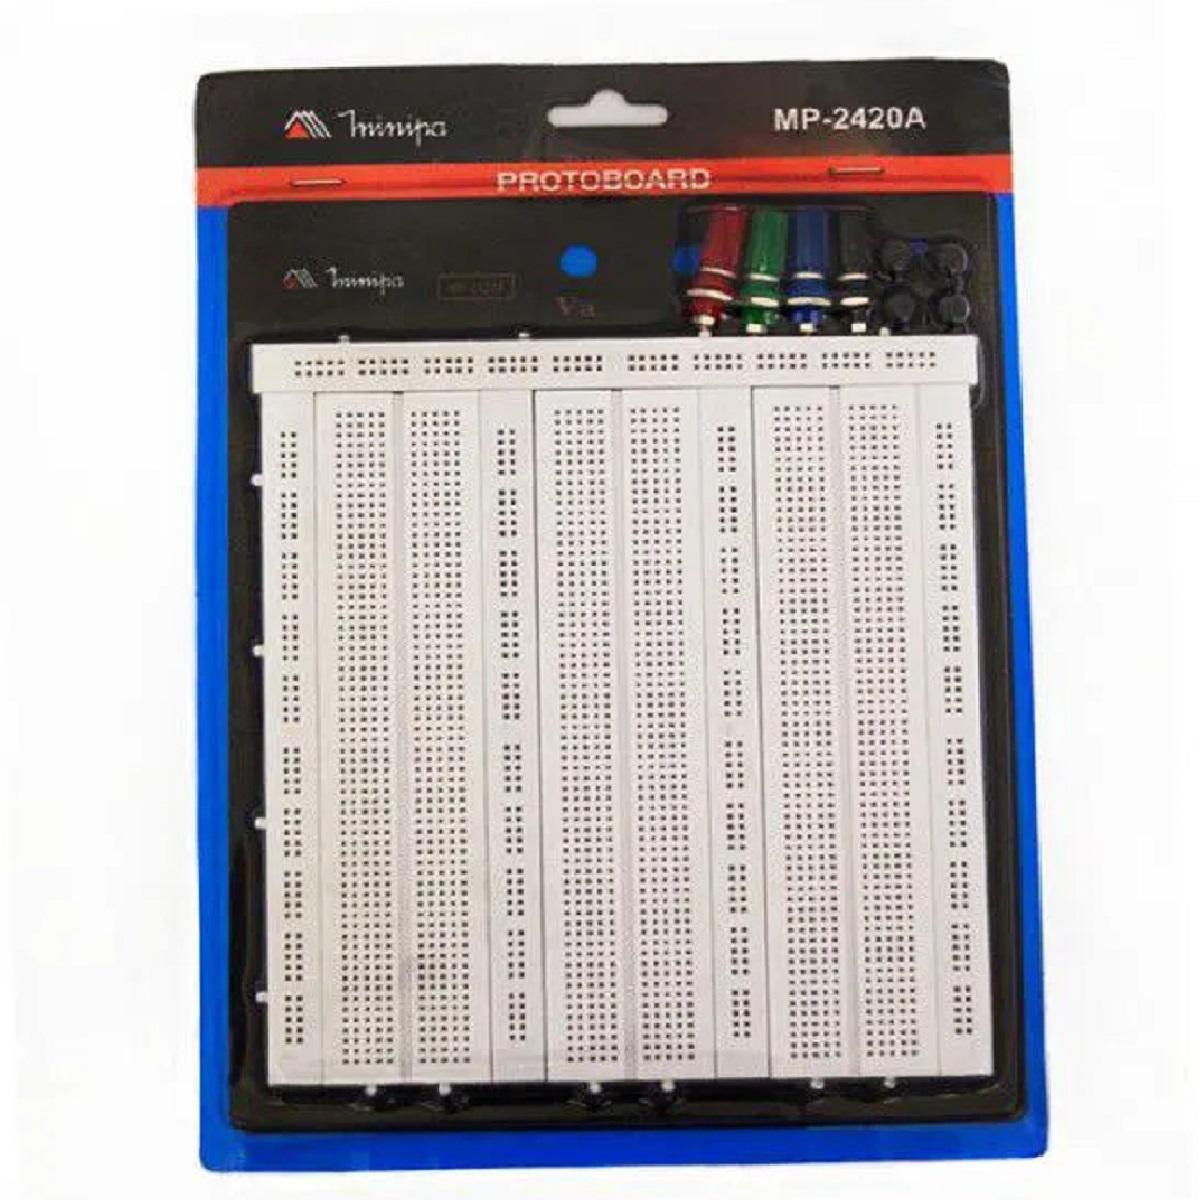 Protoboard MP-2420A Minipa  - EMPORIO K